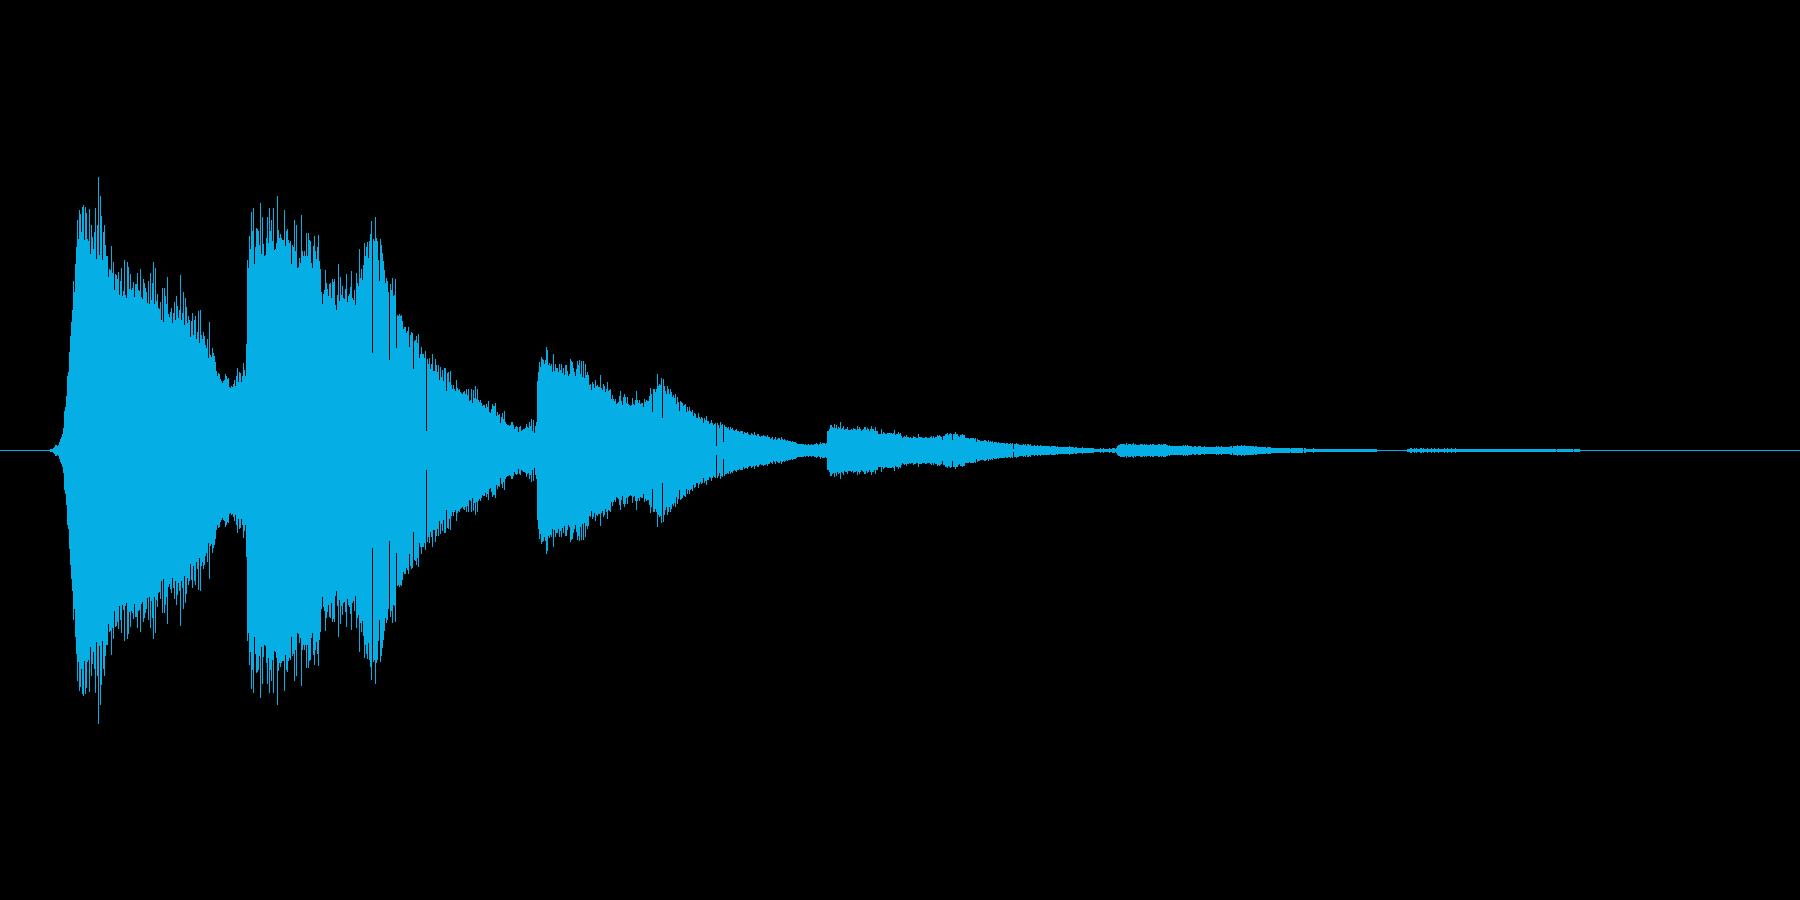 ファミコン風効果音 キャンセル系 03の再生済みの波形